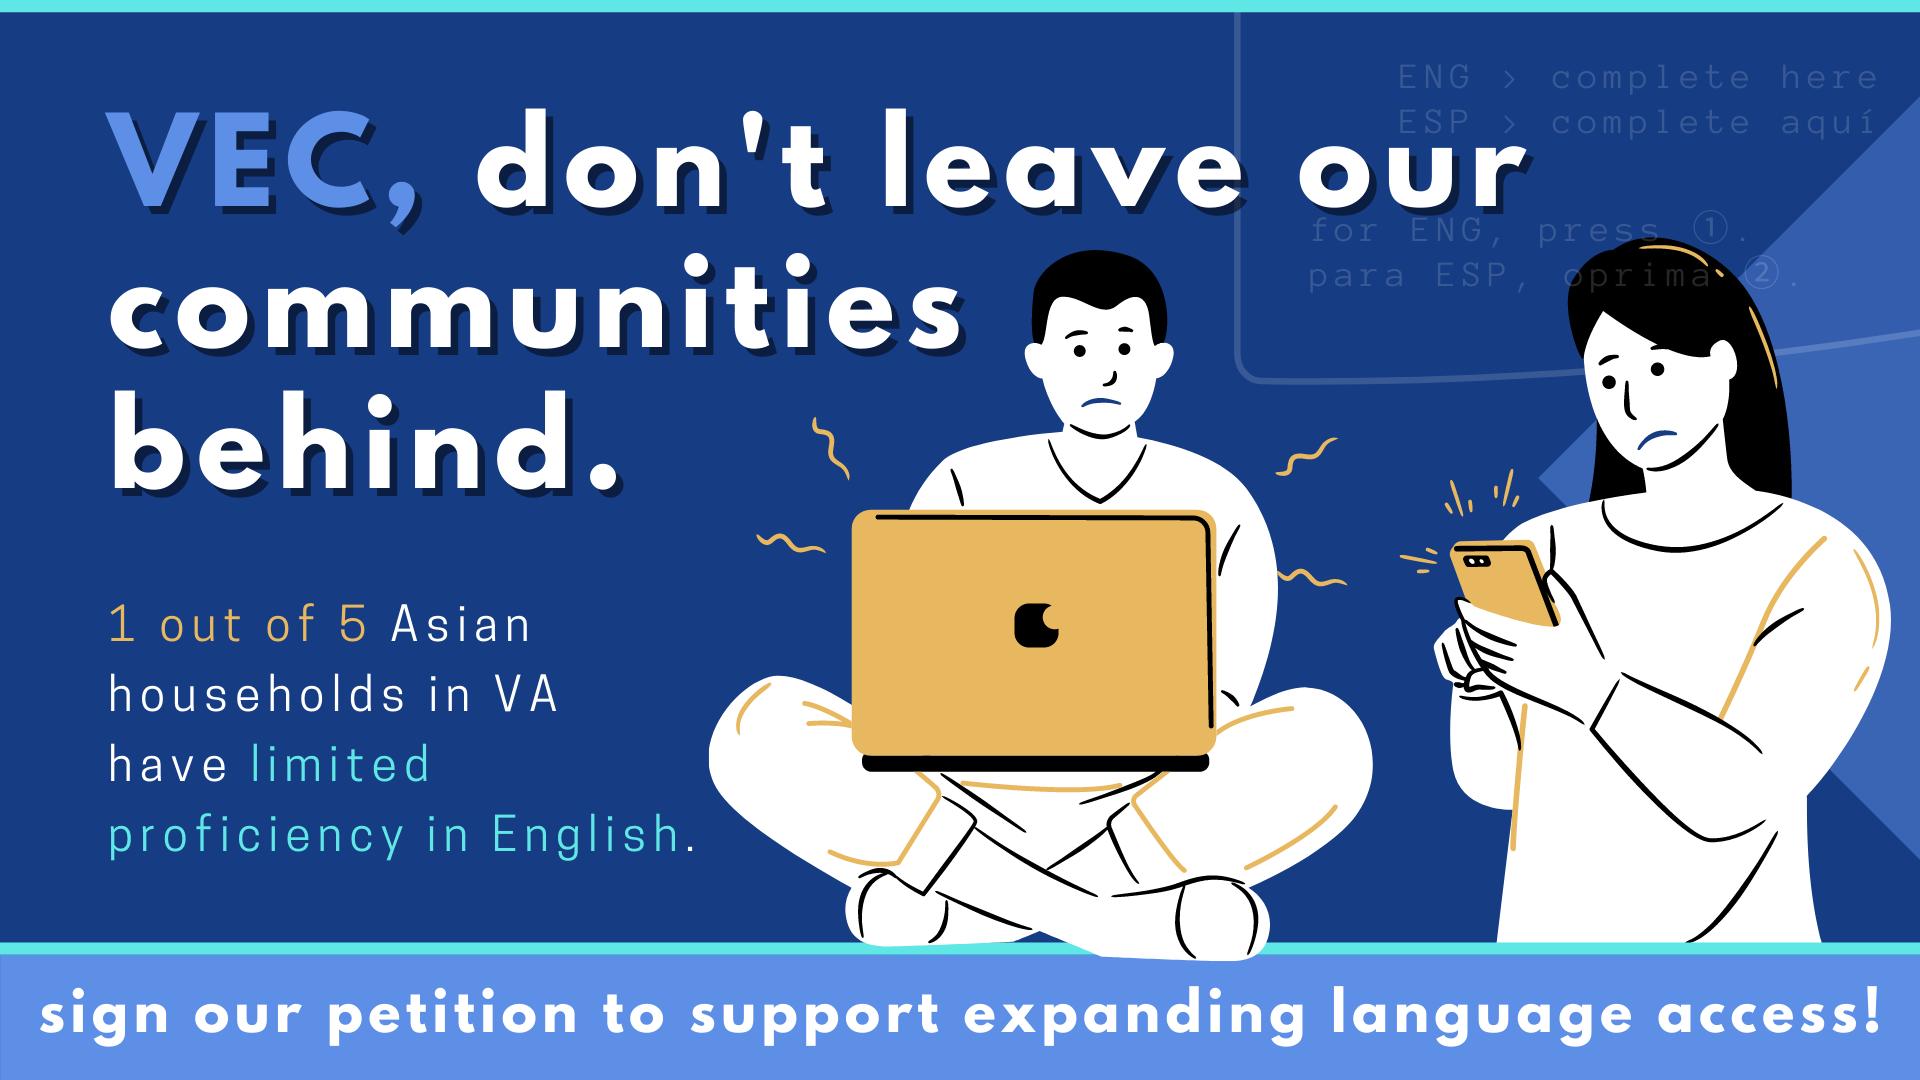 petition demanding VEC to expand language access